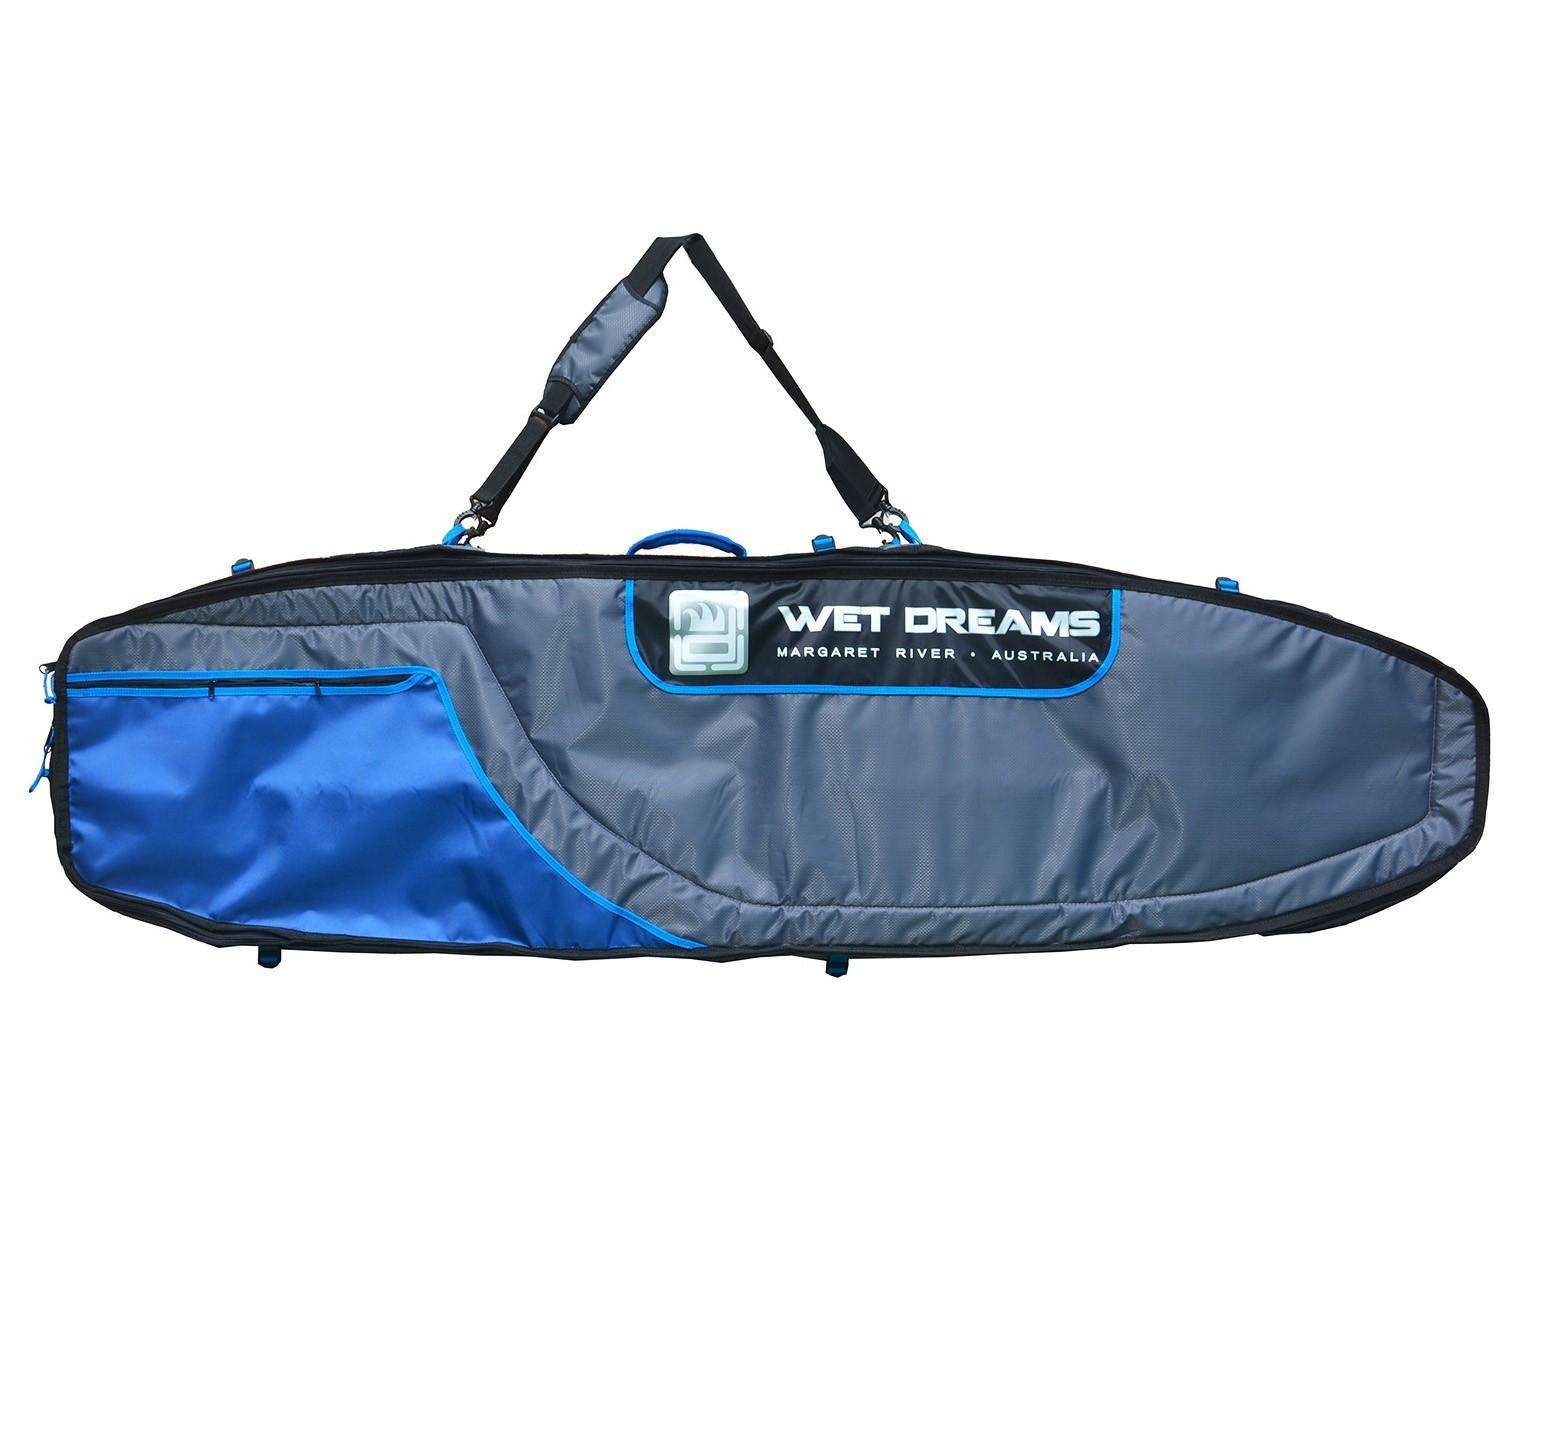 Sarcófago para 3 pranchas de Surf 6'3'' - 1,92m - Wet Dreams   Prancharia